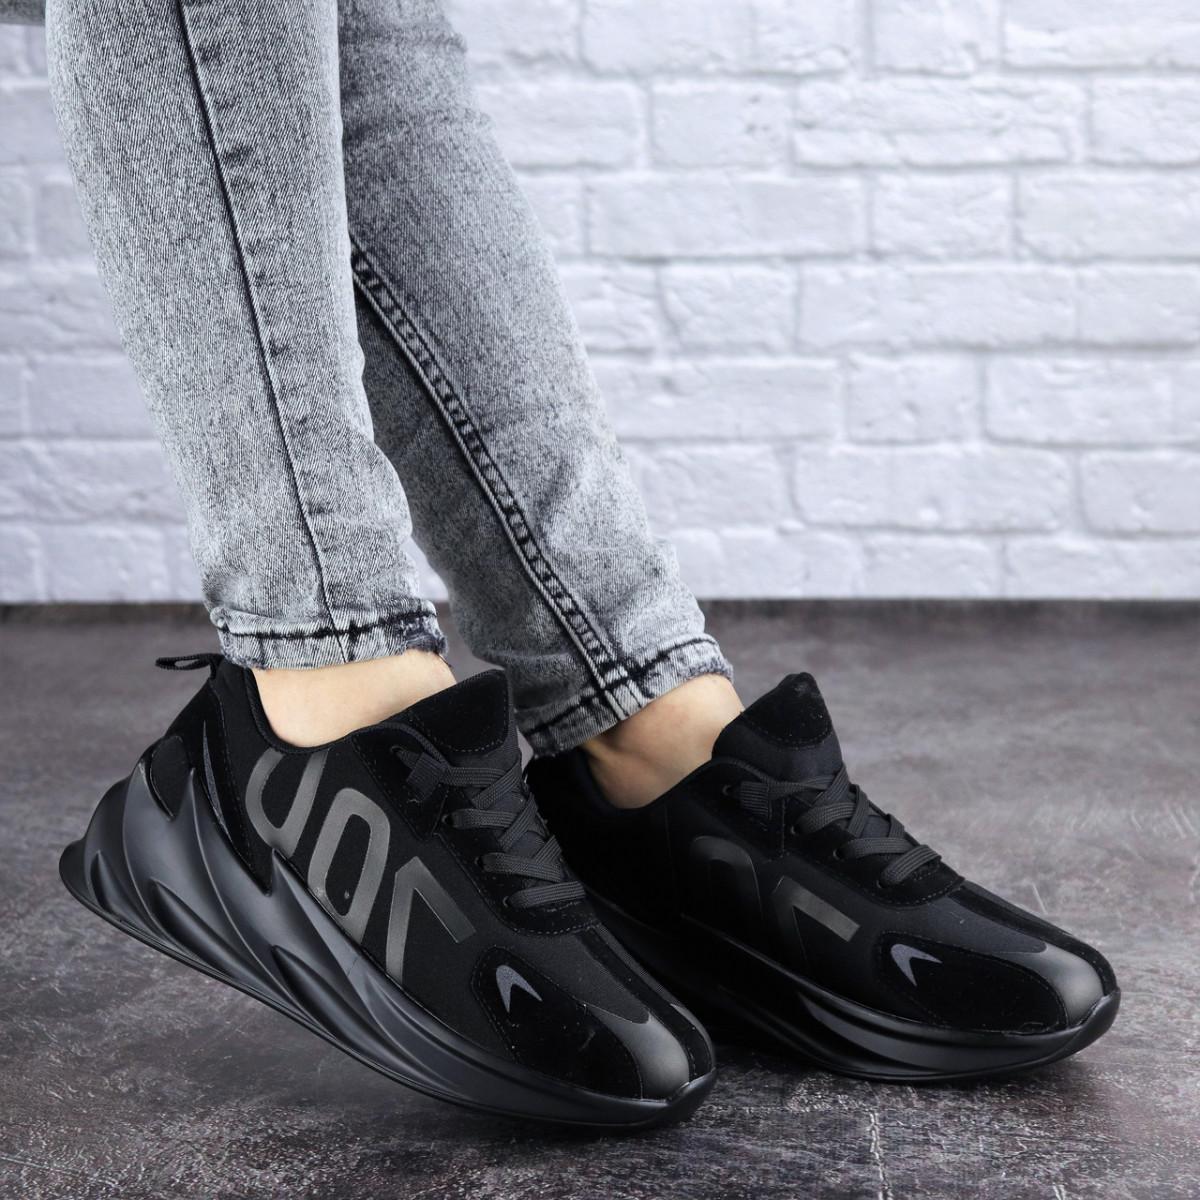 Женские кроссовки Fashion Bro 1999 37 размер 23,5 см Черный